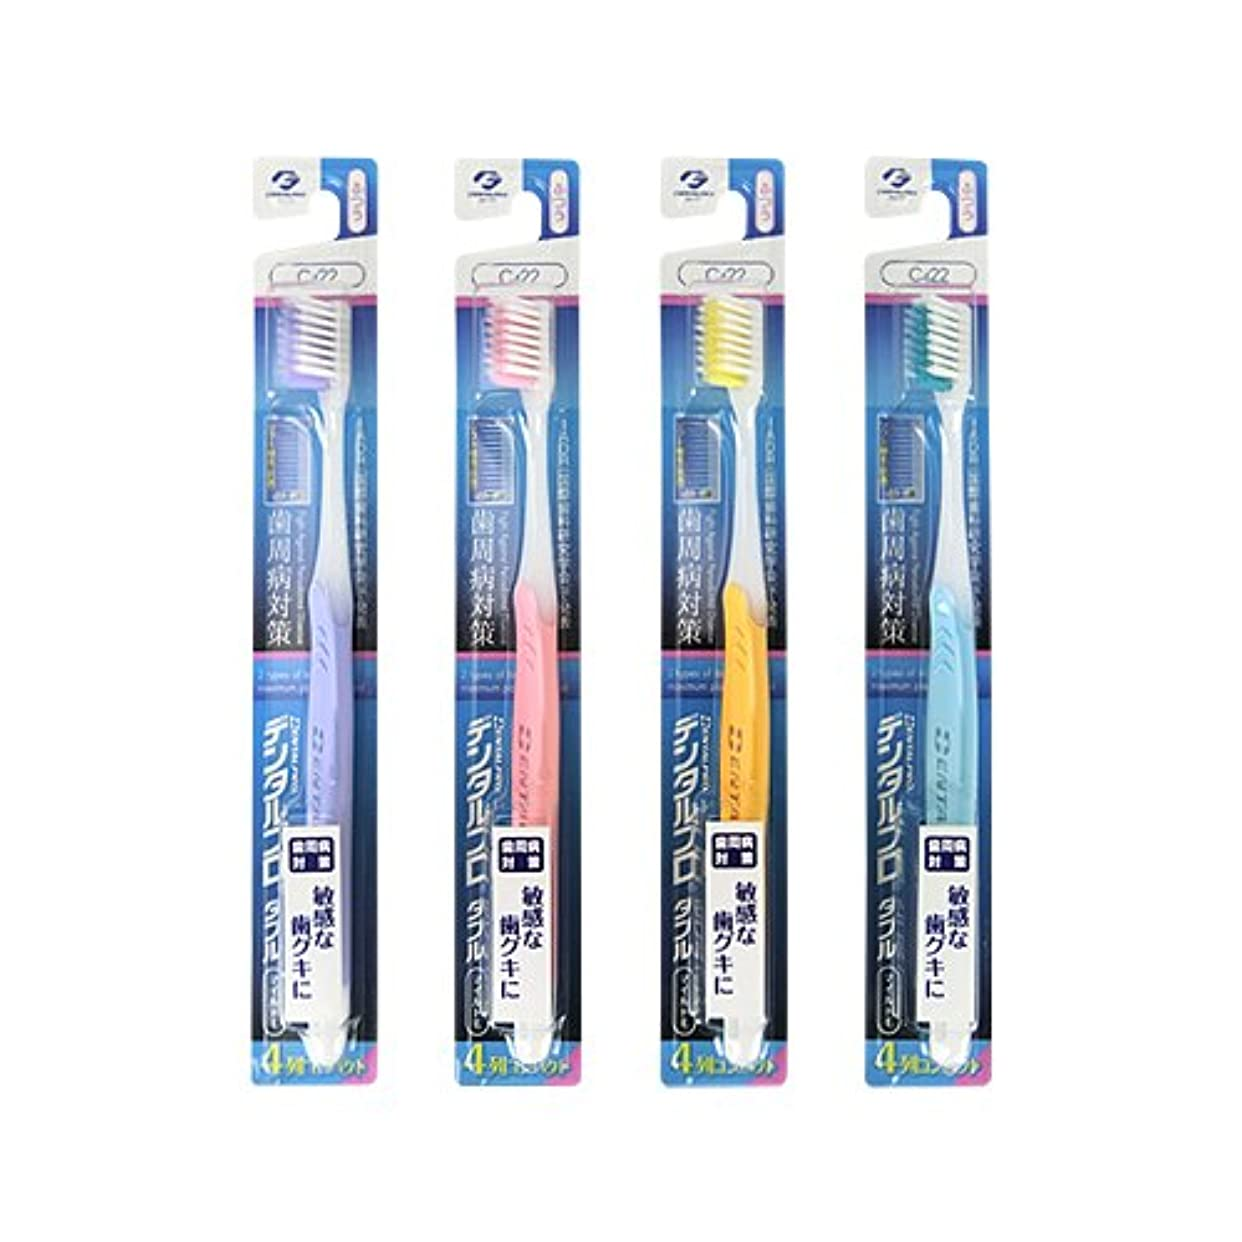 マイクロフォンパーチナシティ通行料金デンタルプロ ダブル マイルド 4列 歯ブラシ 5本 (ふつう, 色はおまかせ)